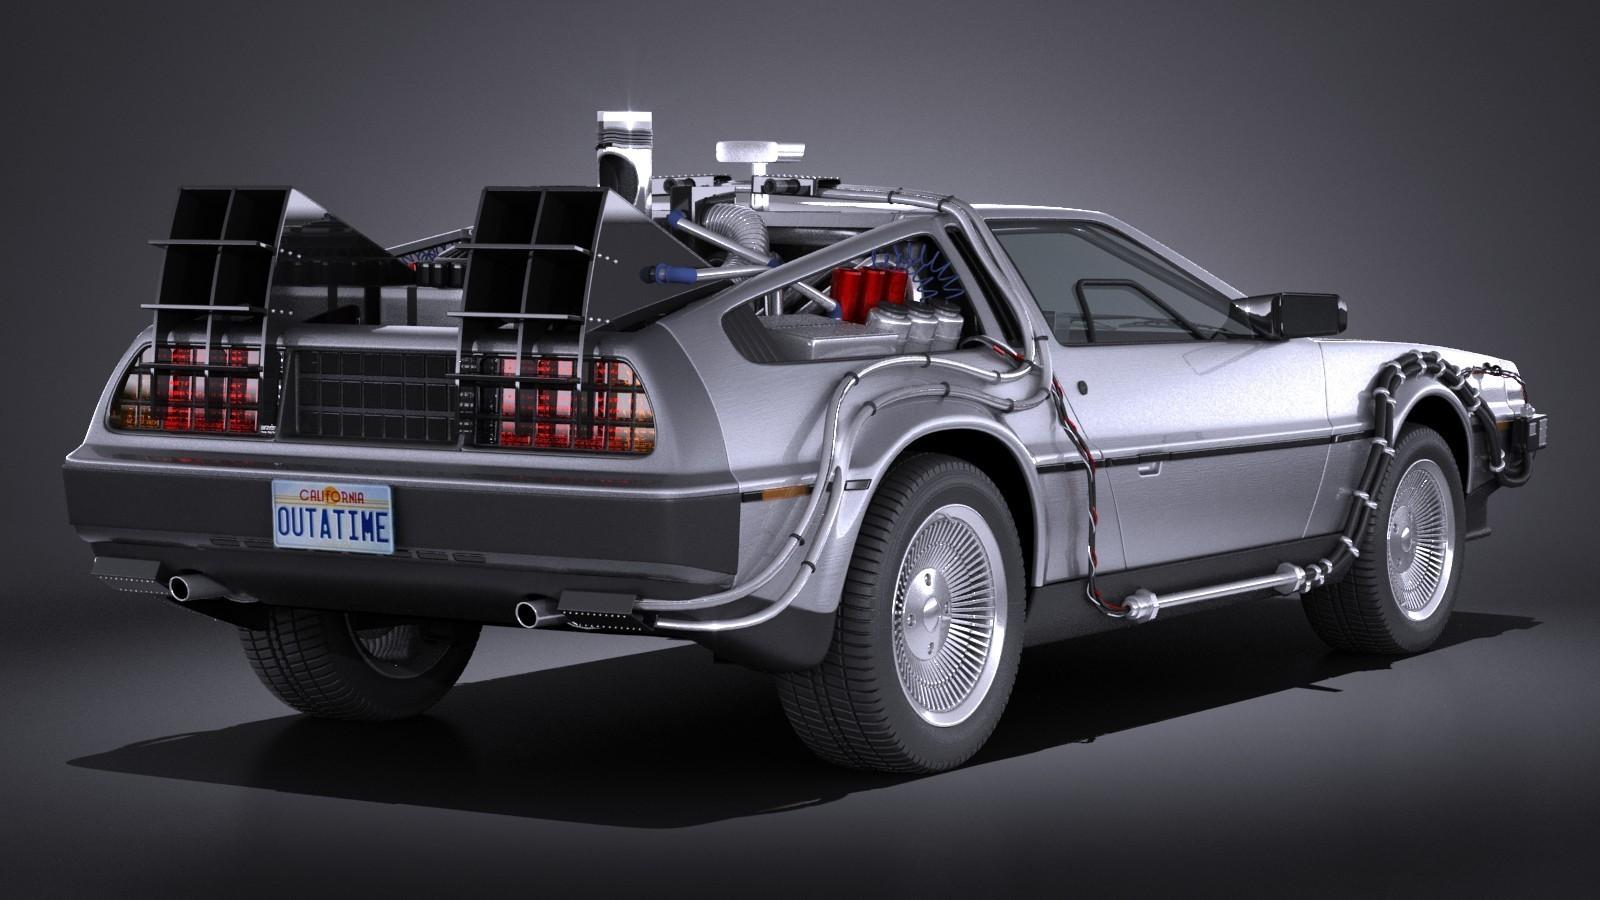 DeLorean DMC-12 Flusso canalizzatore